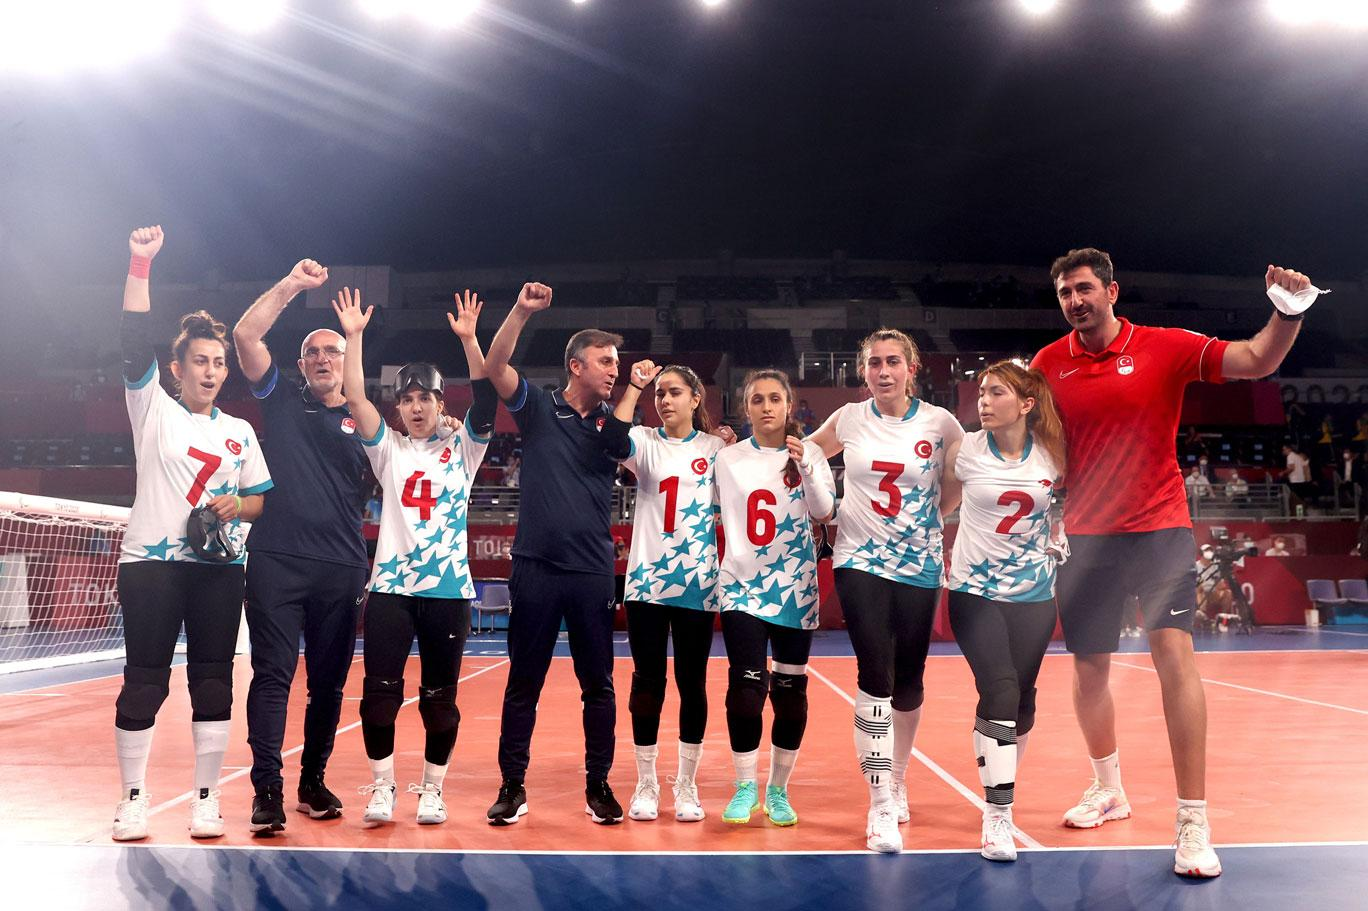 ABD'yi 9-2 yenen Golbol Kadın Milli Takımı Tokyo'da altın madalya kazandı |  Independent Türkçe